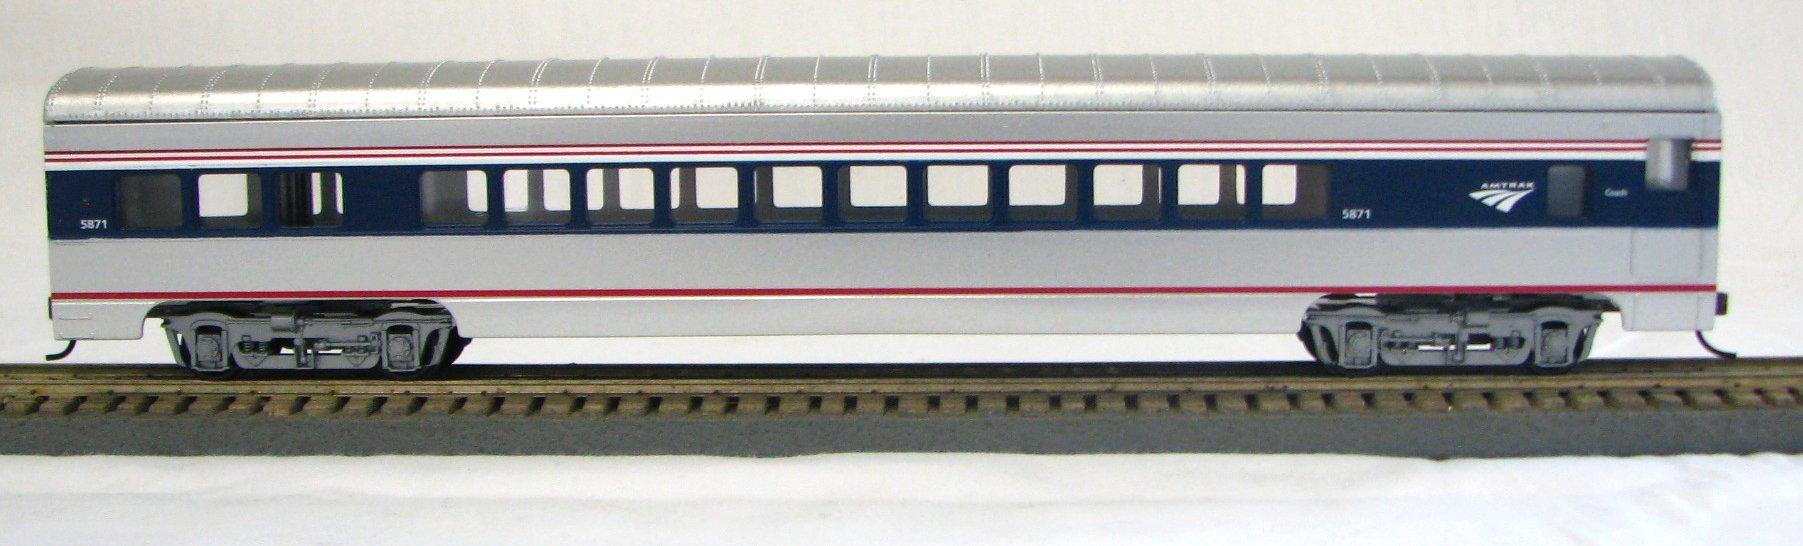 HO 72 Ft Passenger Car Coach #5869 Amtrak Phase 4b (Amtrak Wave logo) (1-094700)